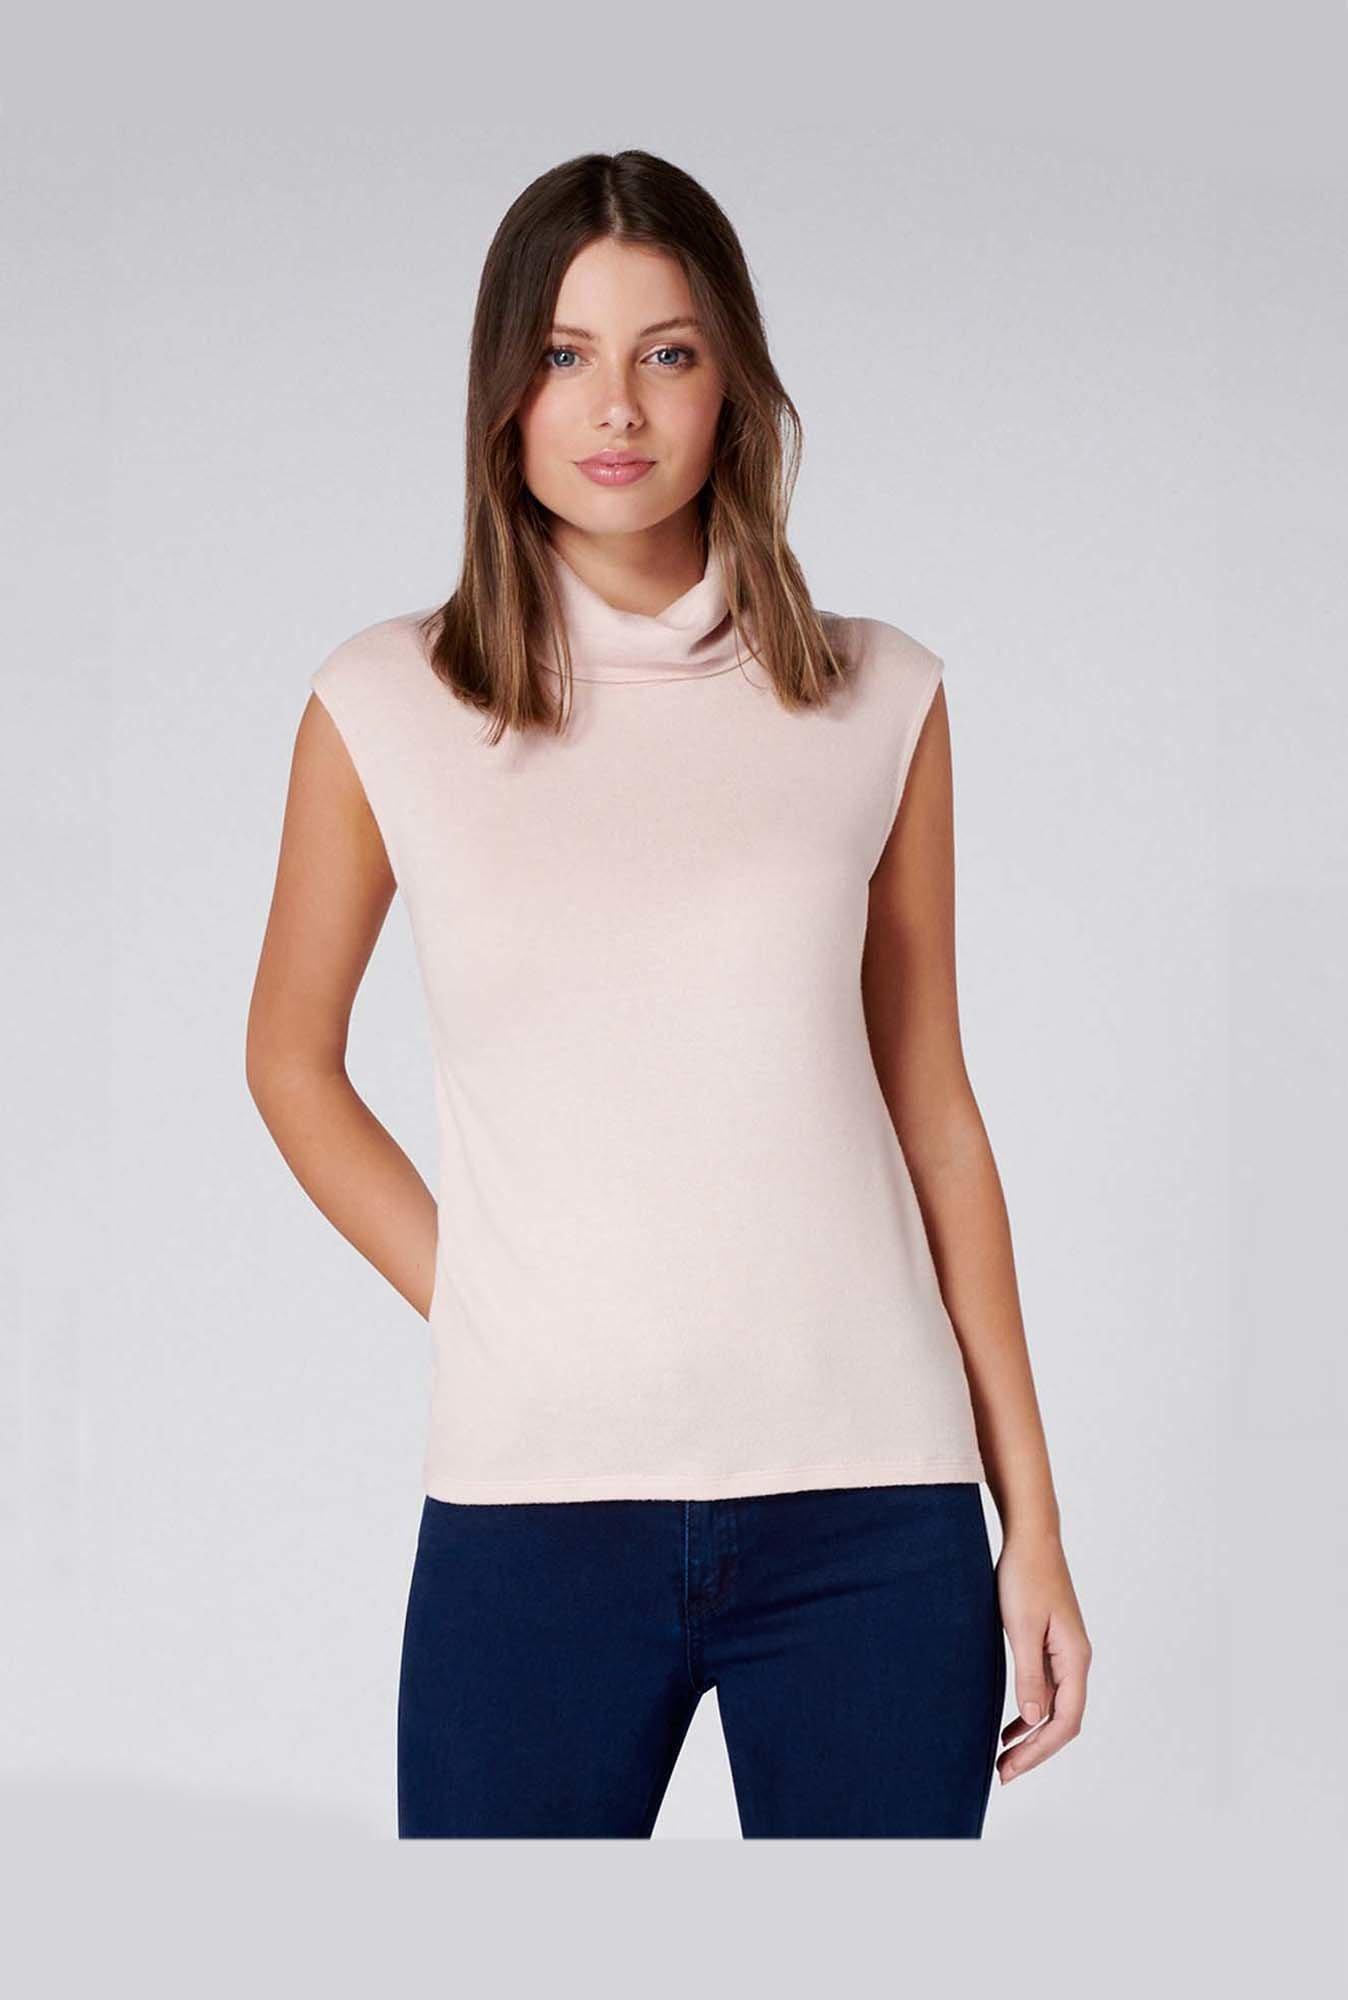 f8235d79e36 Buy Forever New Blush Regular Fit Top for Women Online   Tata CLiQ